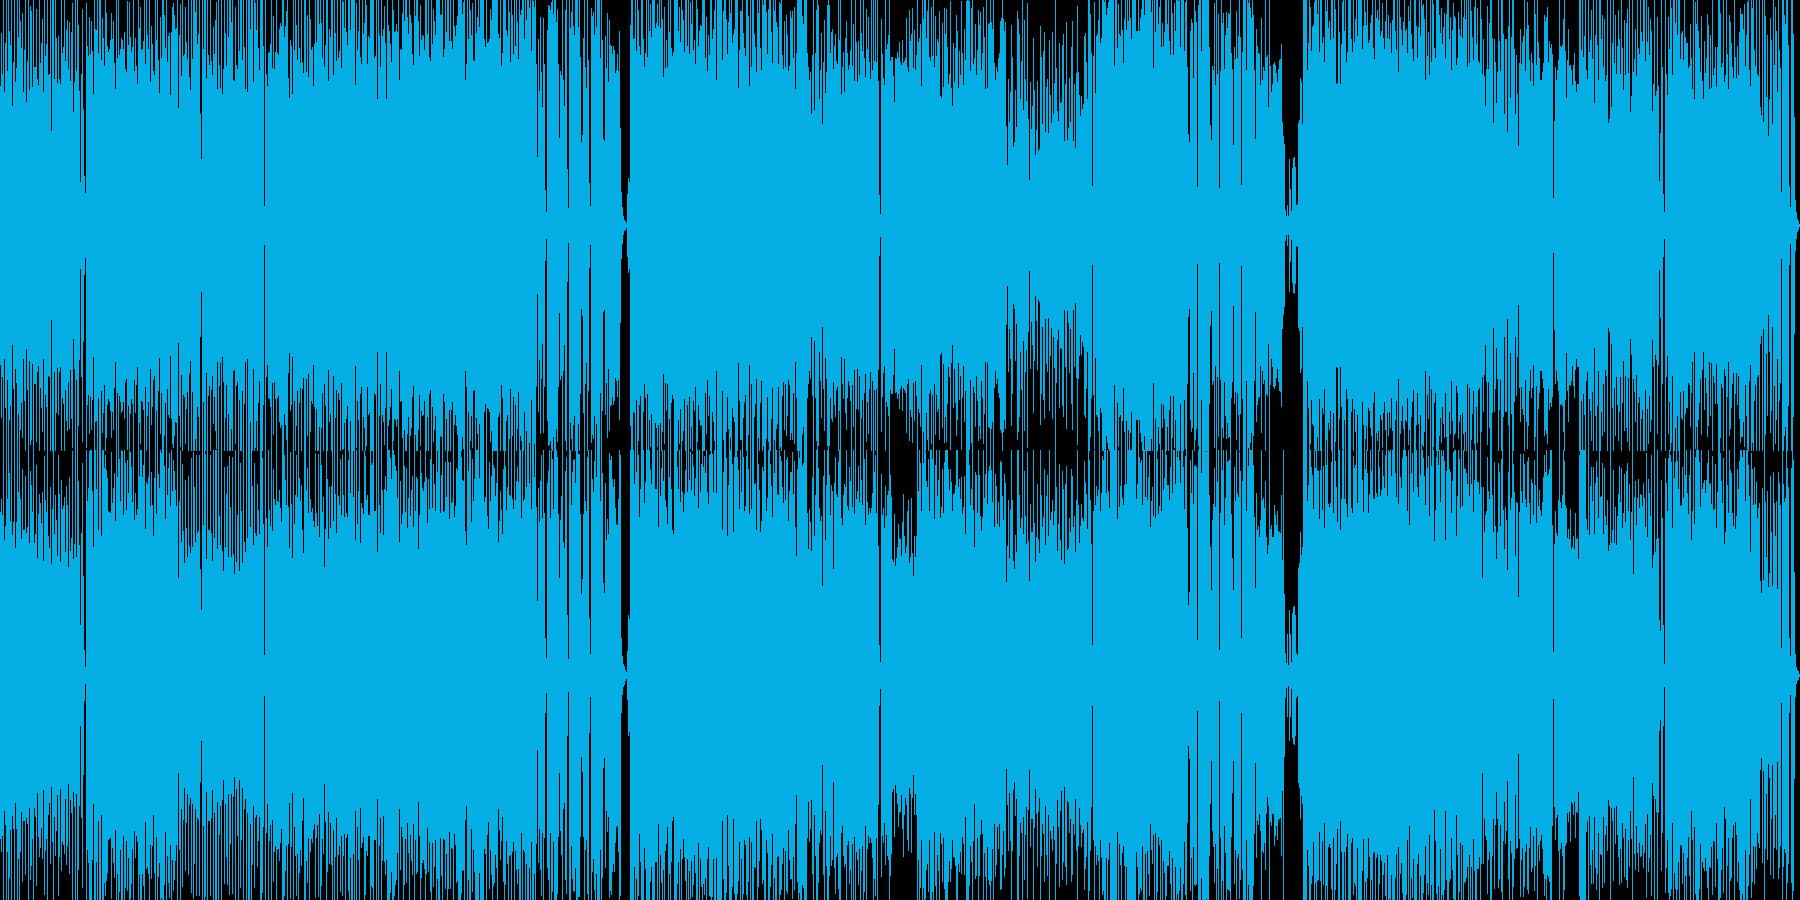 ロックループBGMギターオーケストラ進撃の再生済みの波形